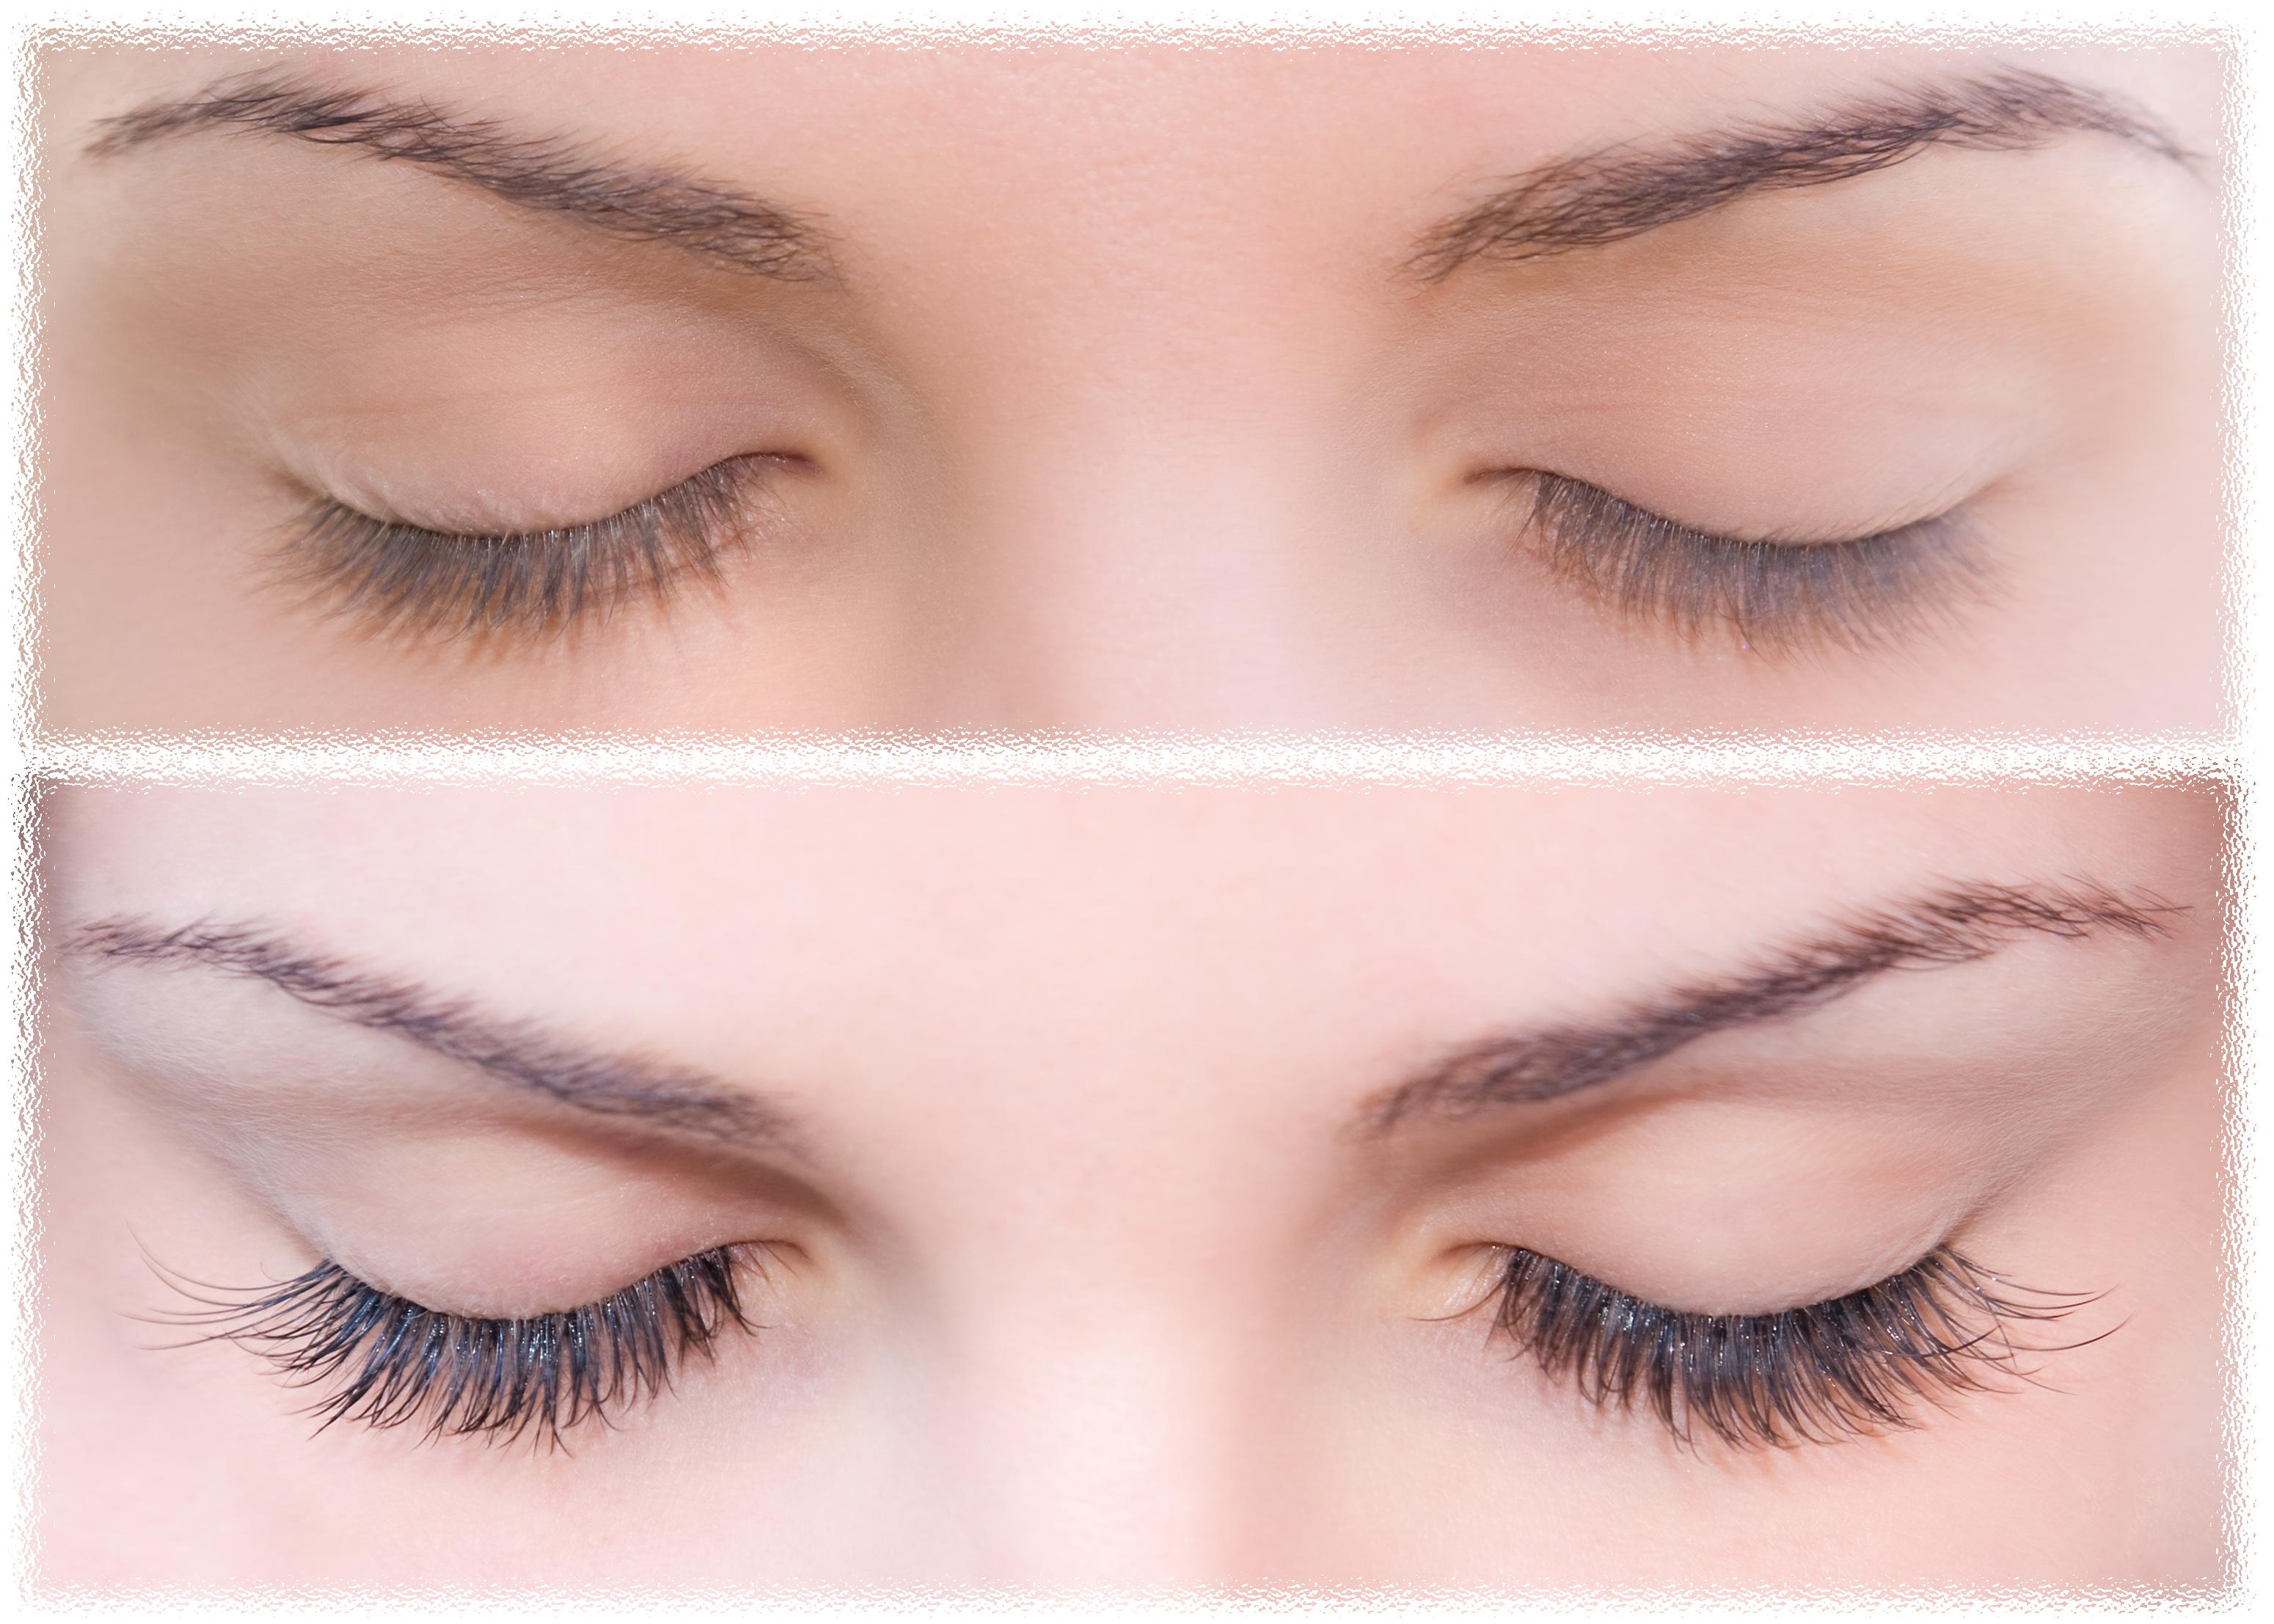 Роскошное ресничное обрамление глаз гарантировано при применении масок.